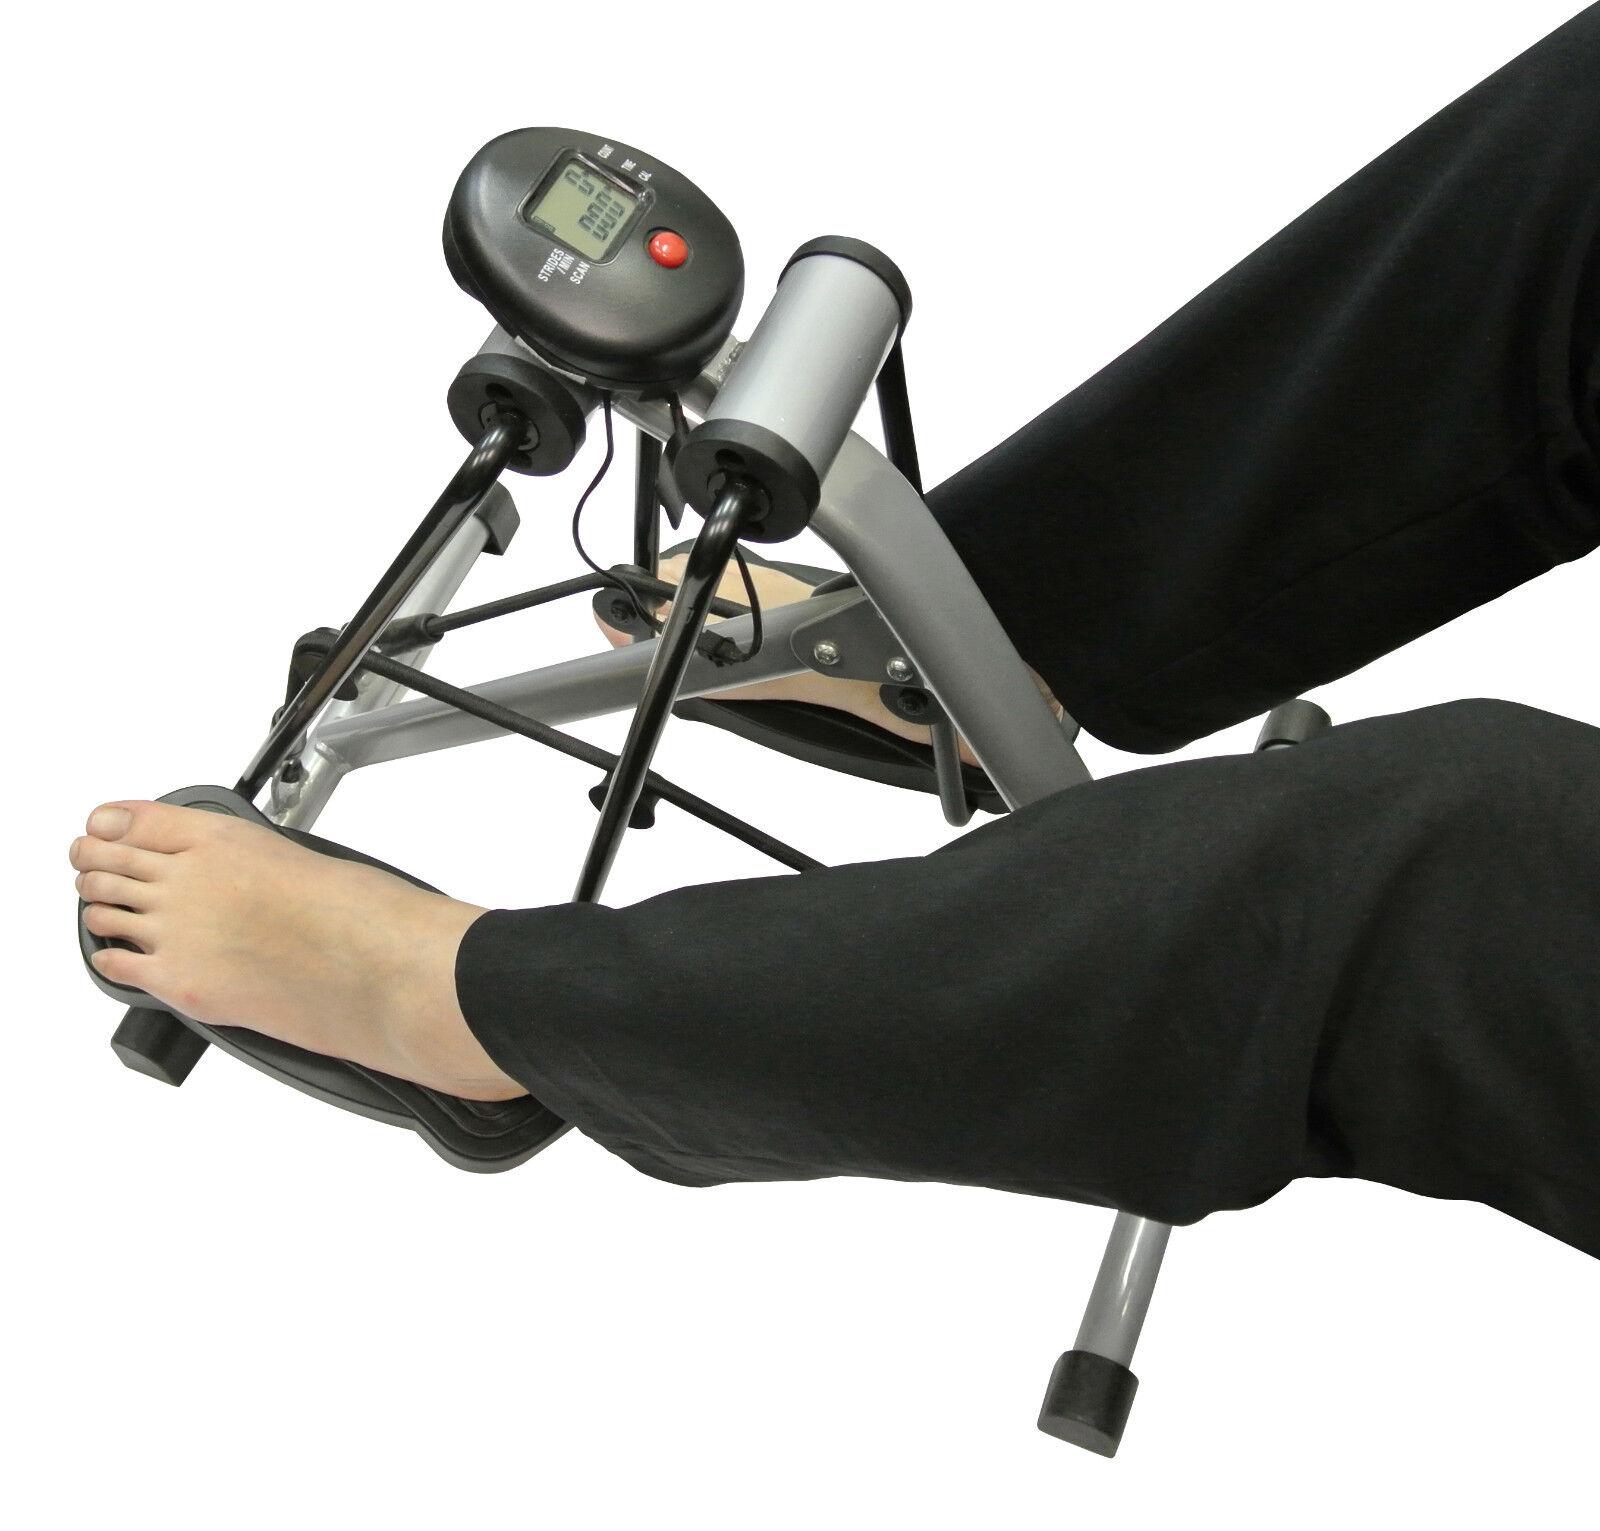 Betaflex Sit y estación de ejercicio de oscilación KH525